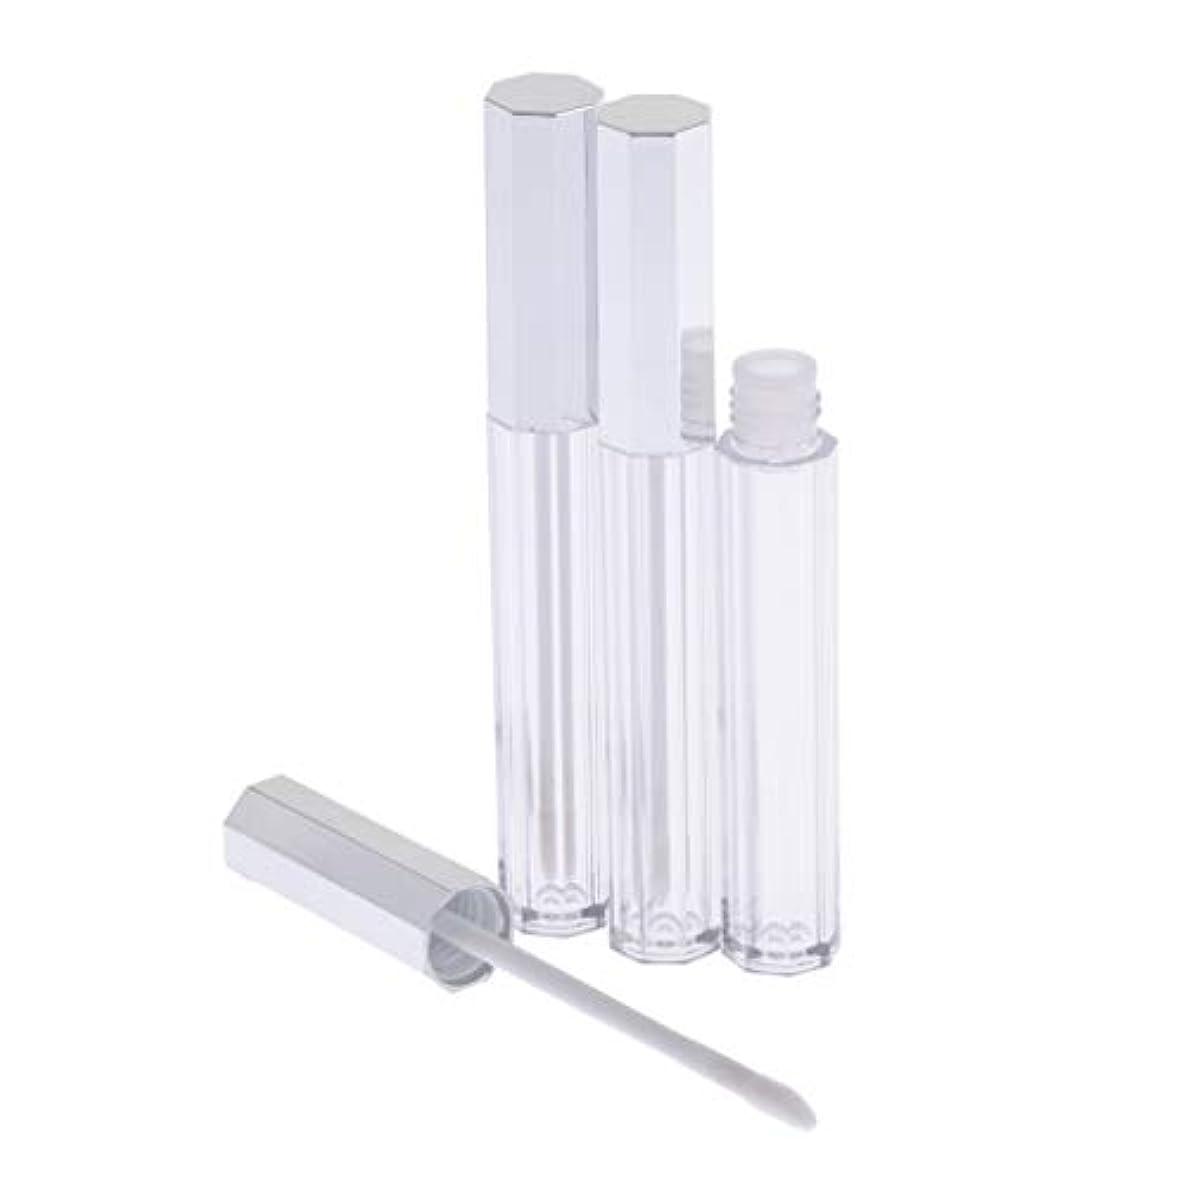 富宿る悲劇リップグロス 容器 チューブ 口紅 容器 空 プラスチック リップグロスボトル 5ml 3個セット